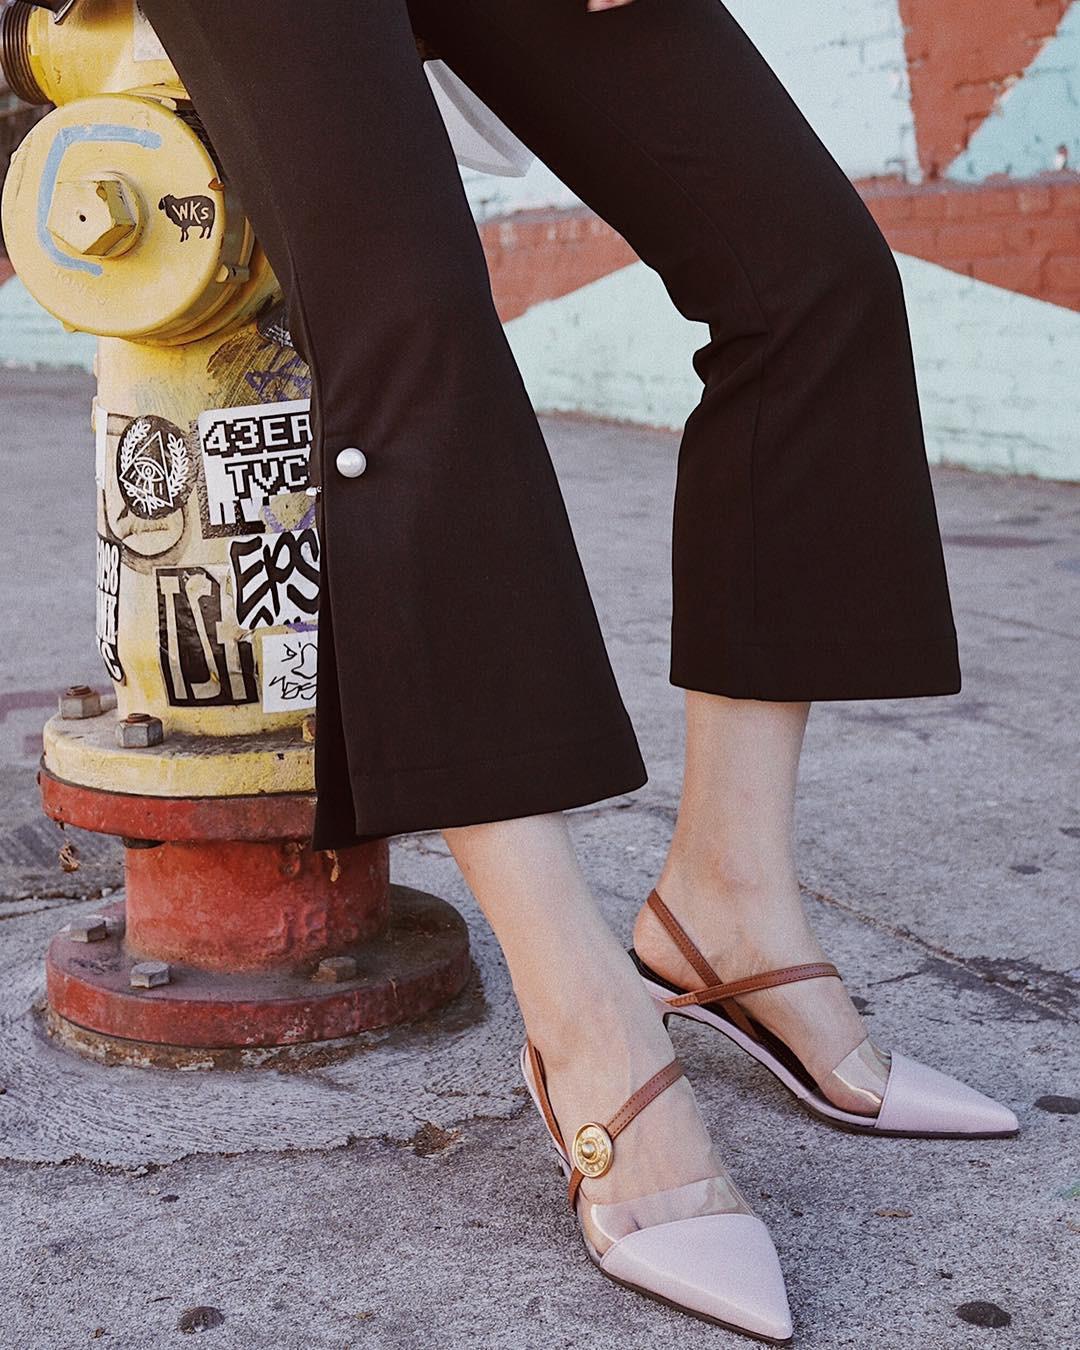 5 bí kíp ăn mặc giúp phụ nữ sở hữu phong cách thời thượng, sang trọng và nổi bật trong dịp Tết - Ảnh 8